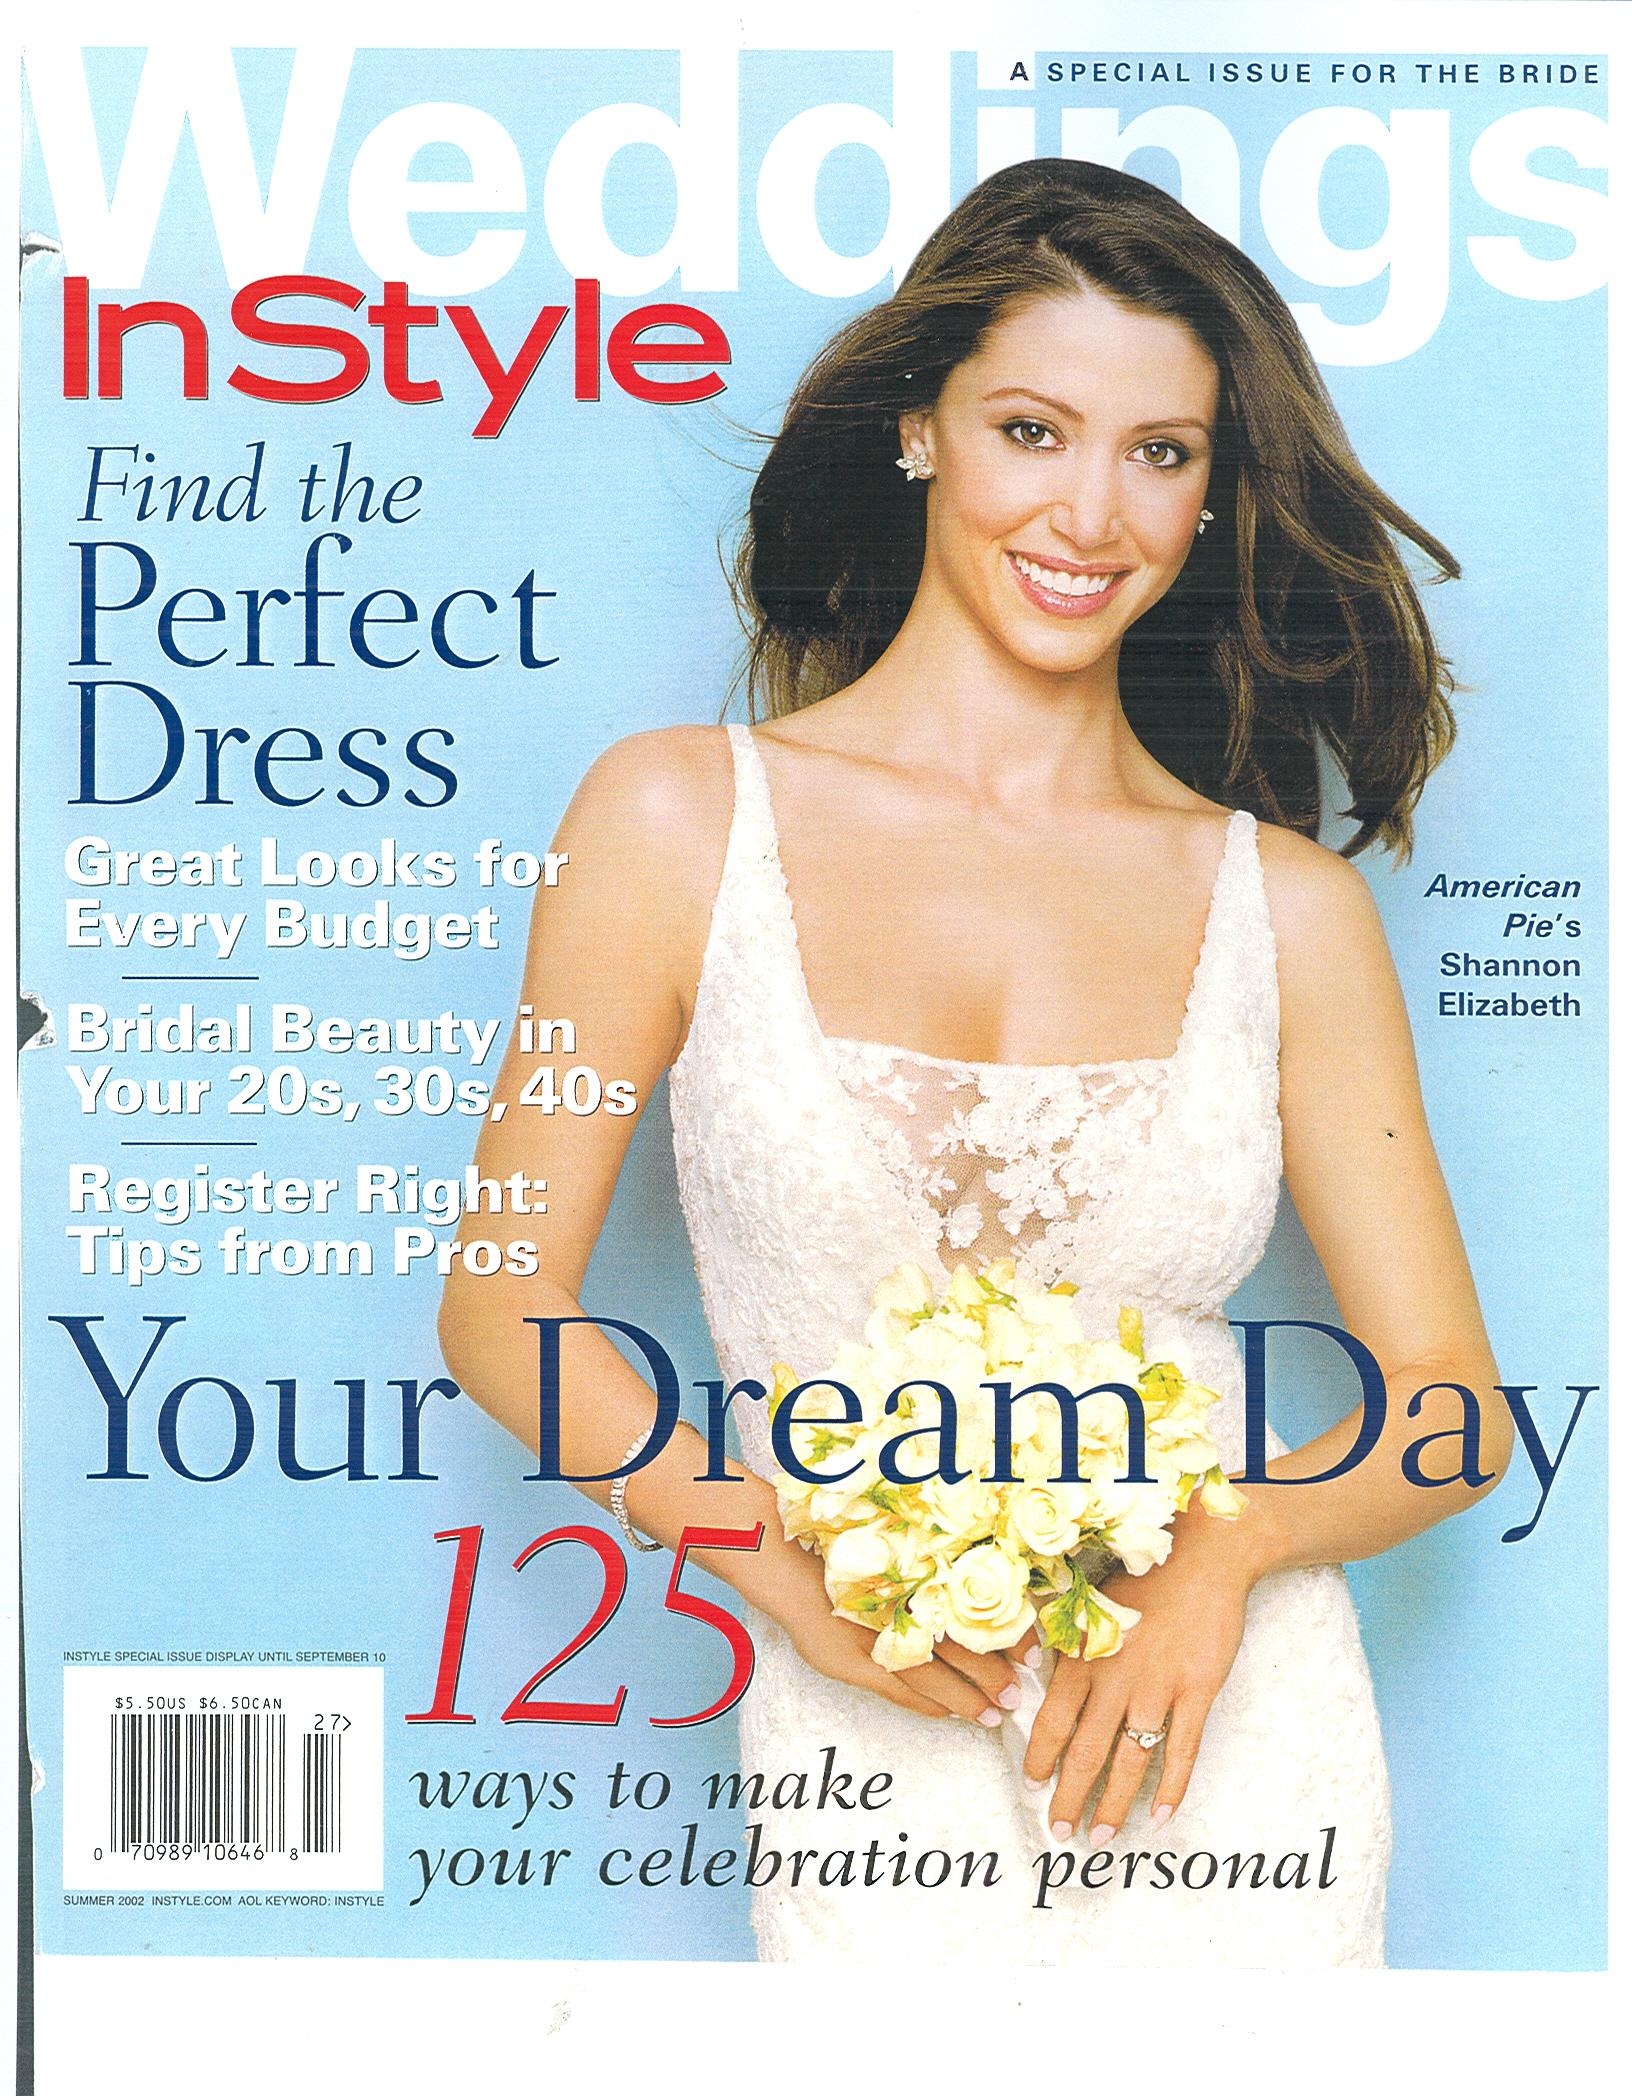 SE_InStyle Weddings_Summer 2002_1.jpg